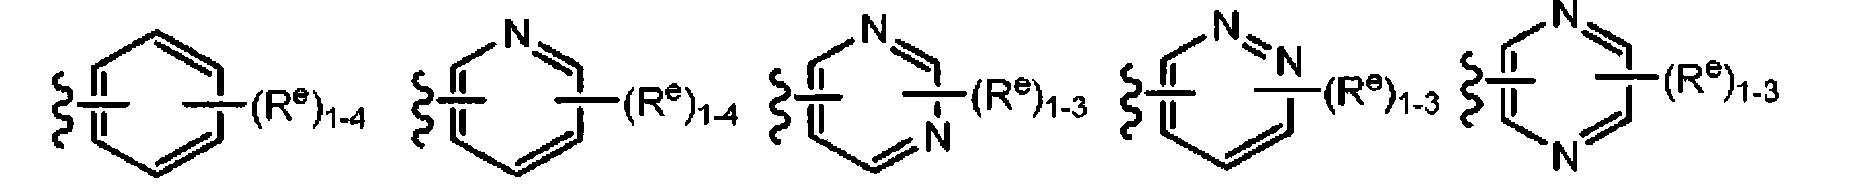 Figure CN101951770BD00591